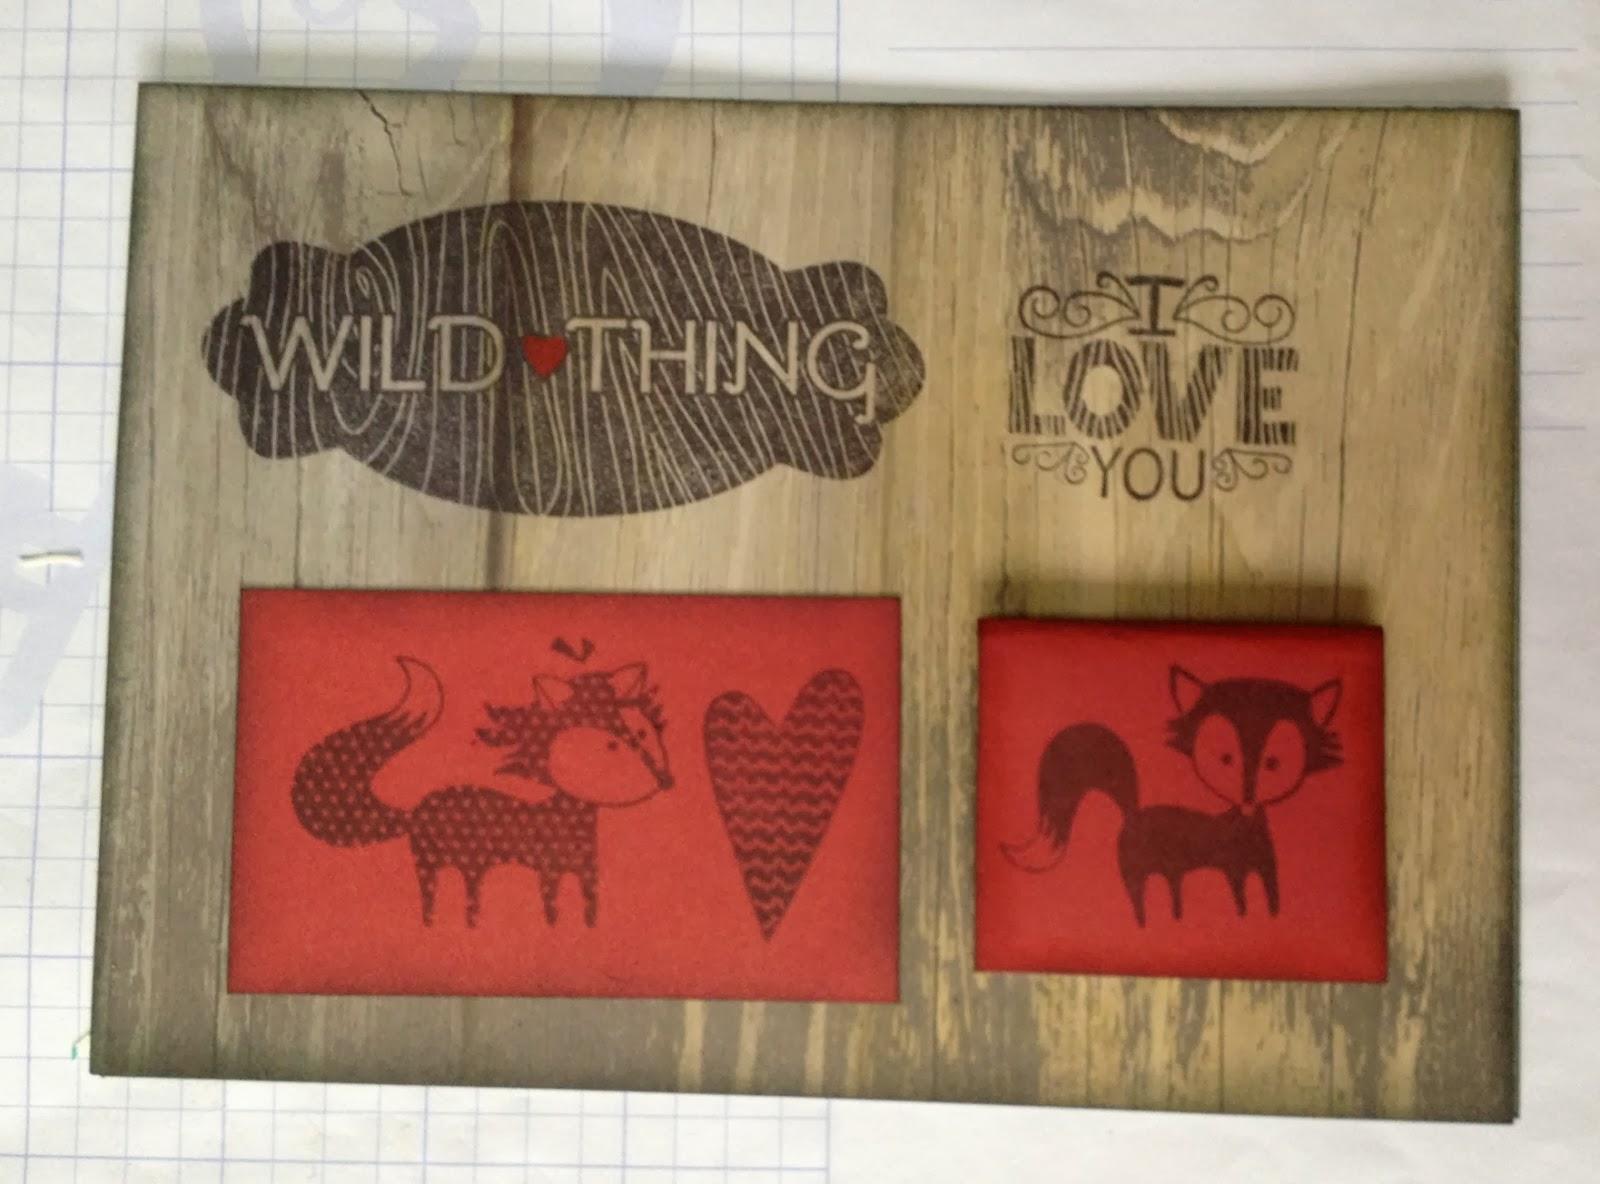 http://macsisak.ctmh.com/ctmh/promotions/sotm/2014/ss/1402-wild-about-love.aspx